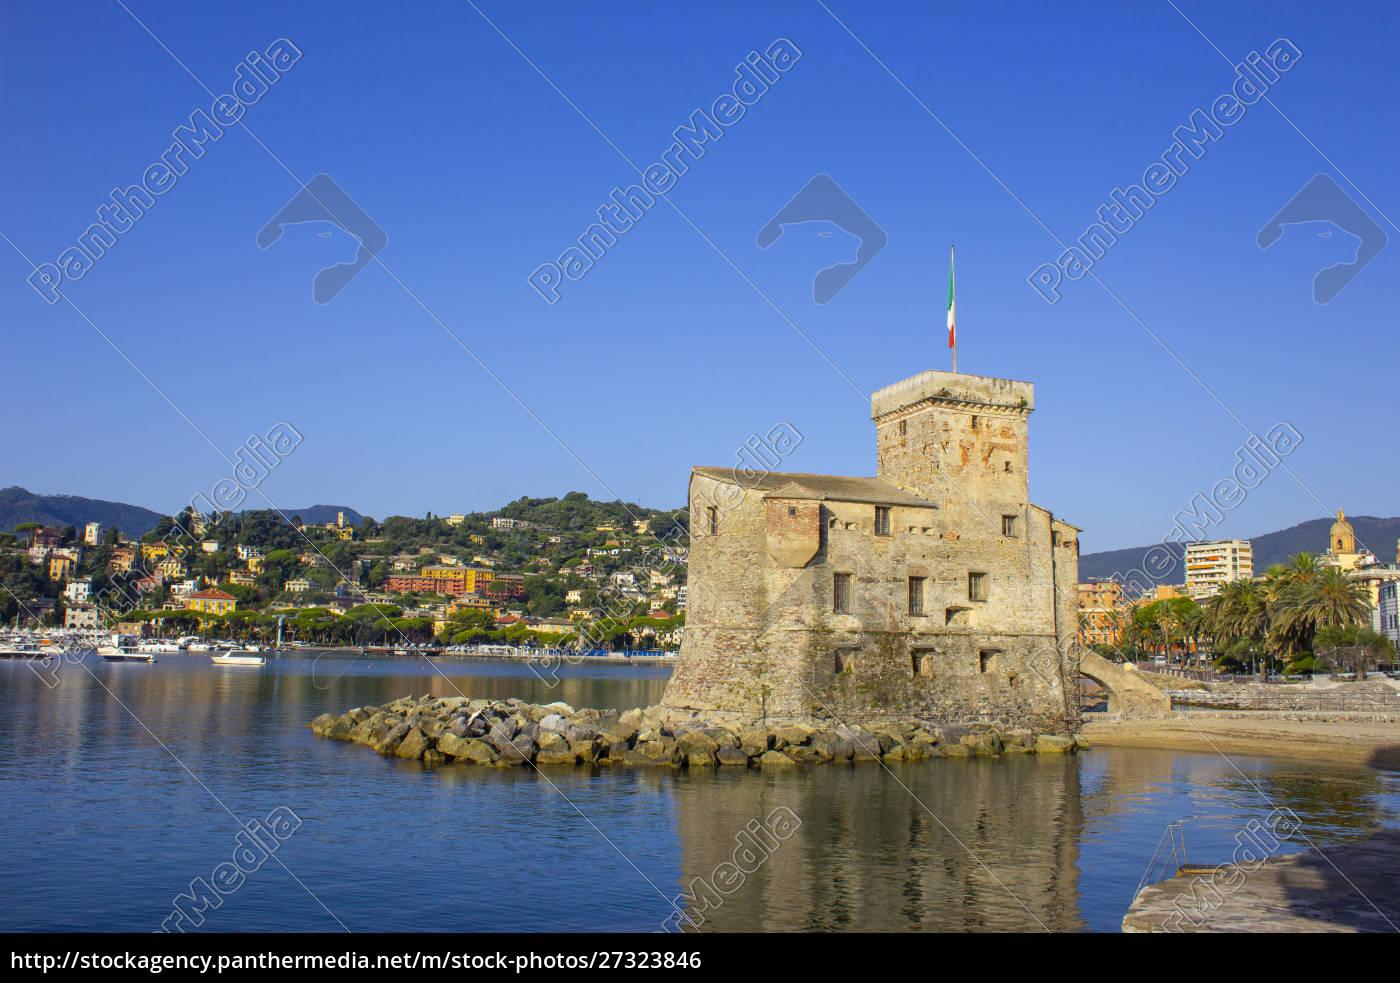 italian, castles, on, sea, italian, flag - 27323846